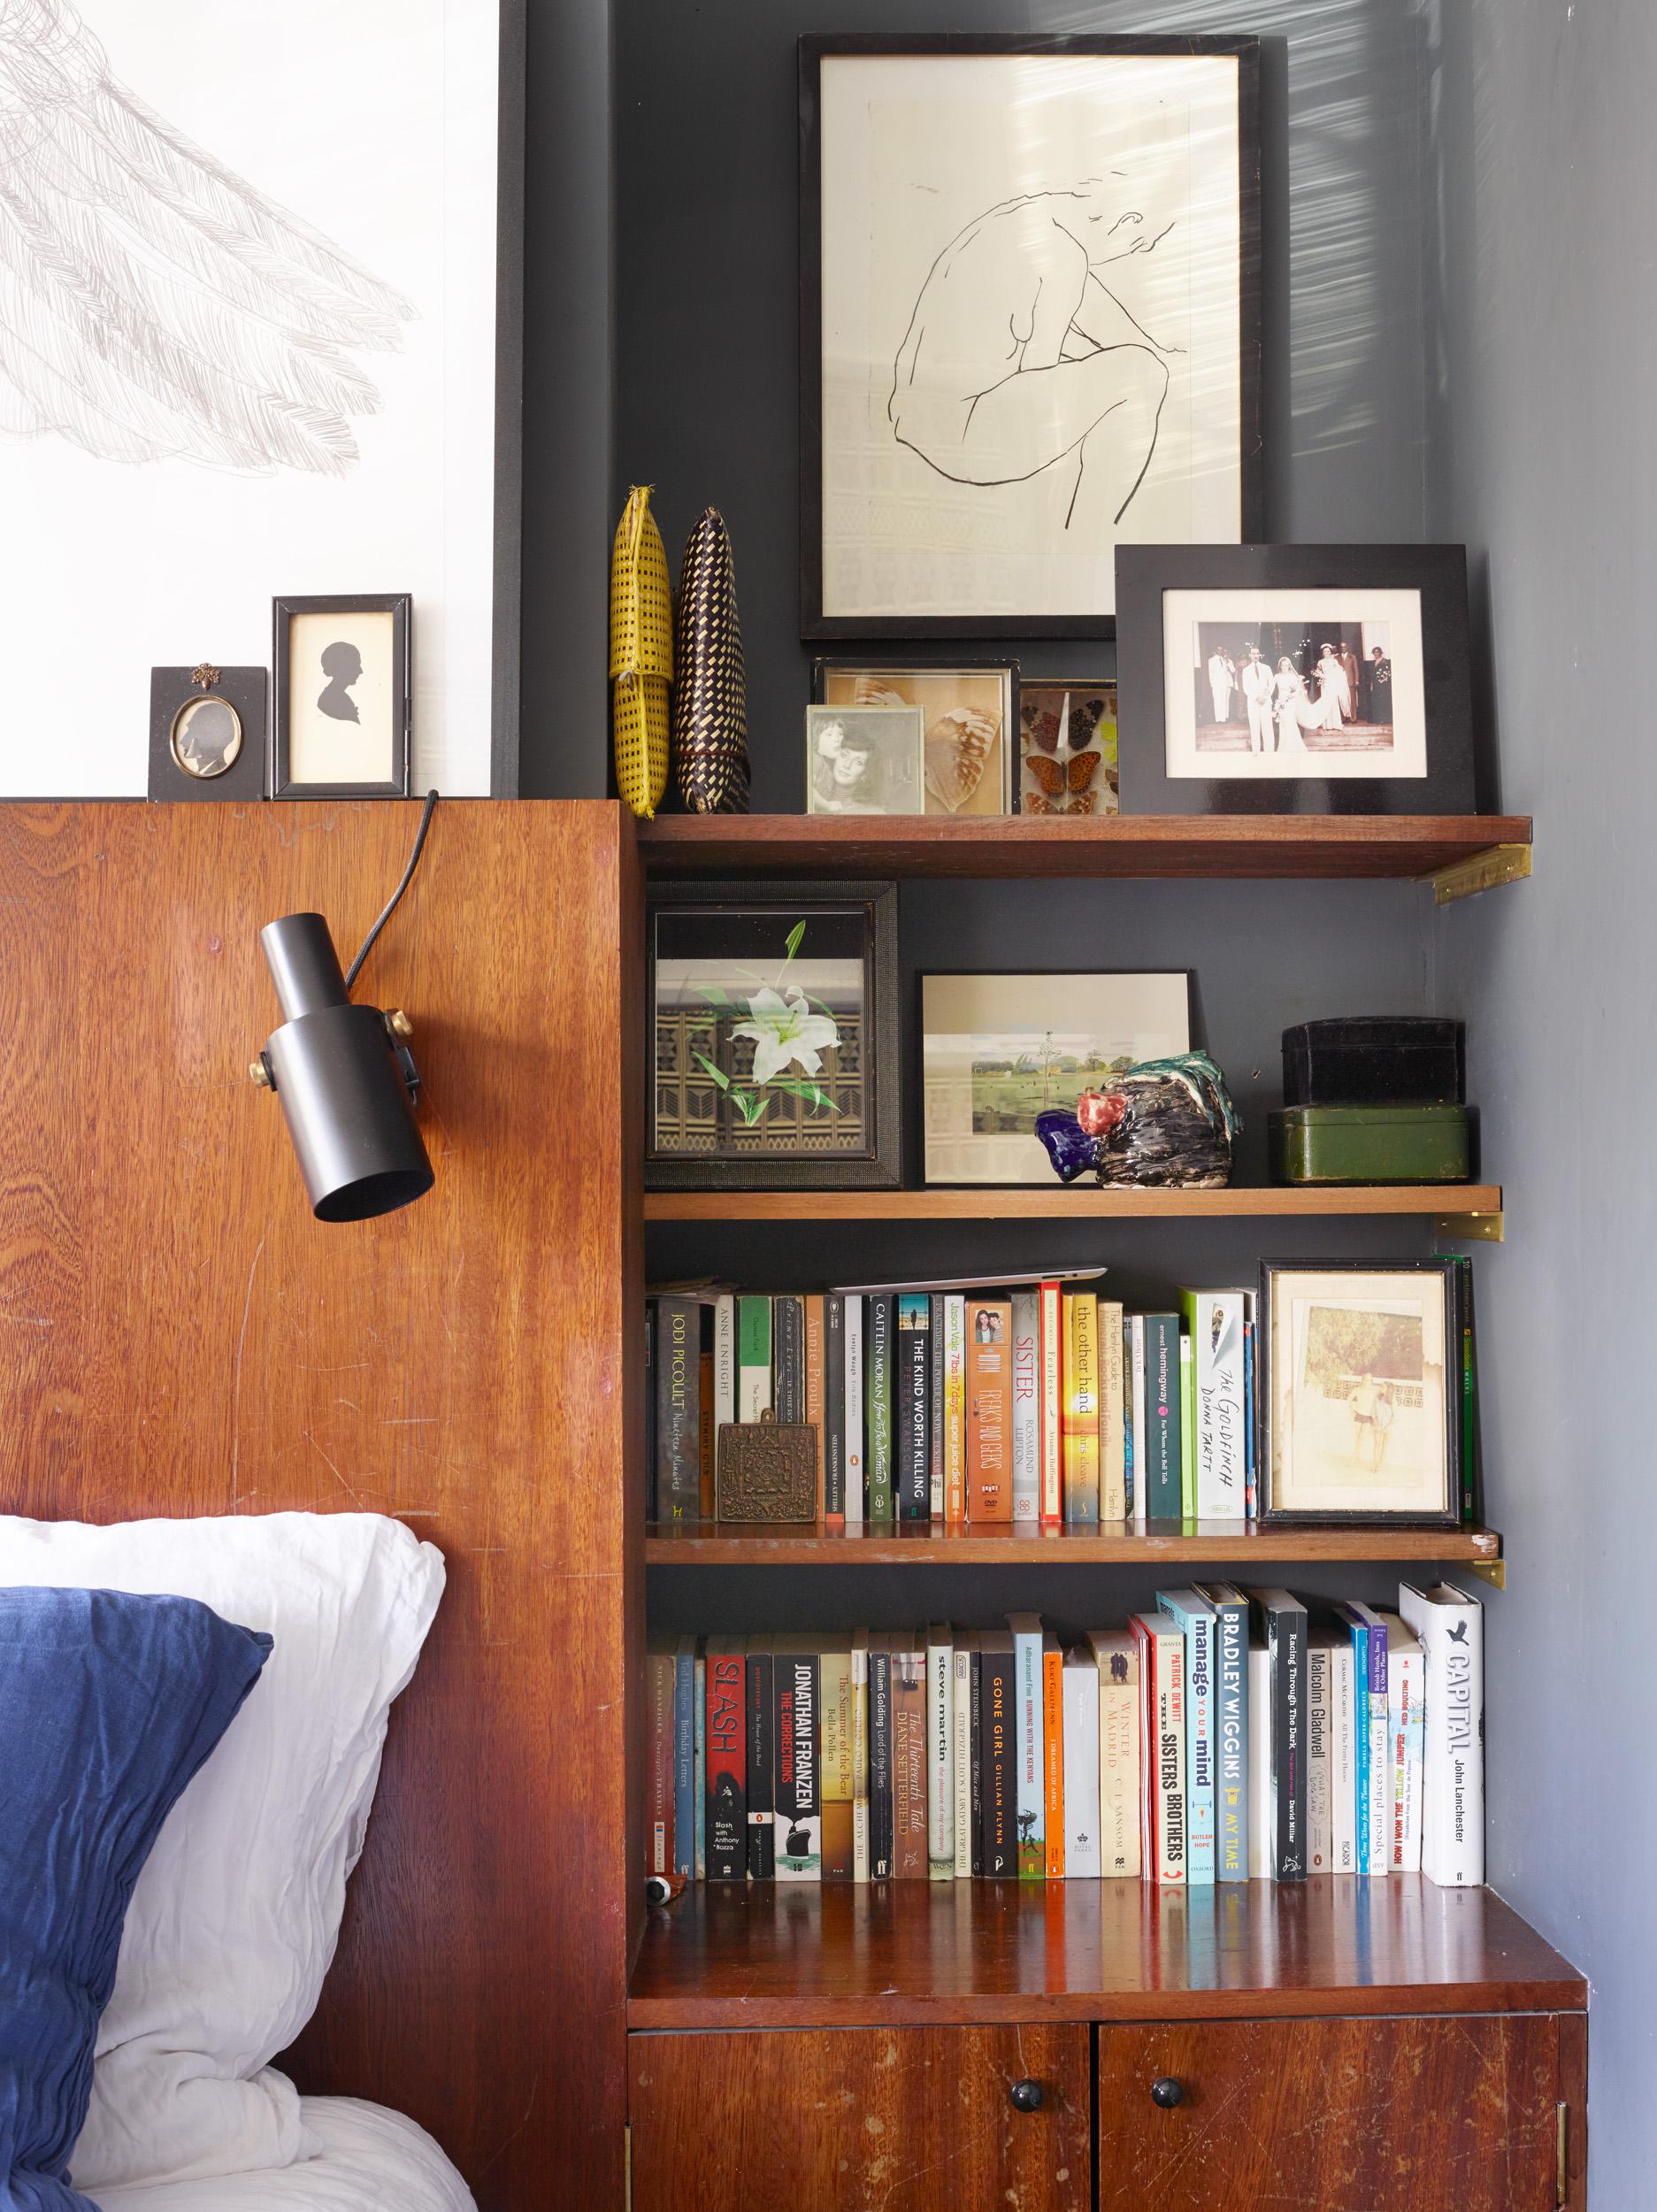 rachael-smith-interiors-14122019-061